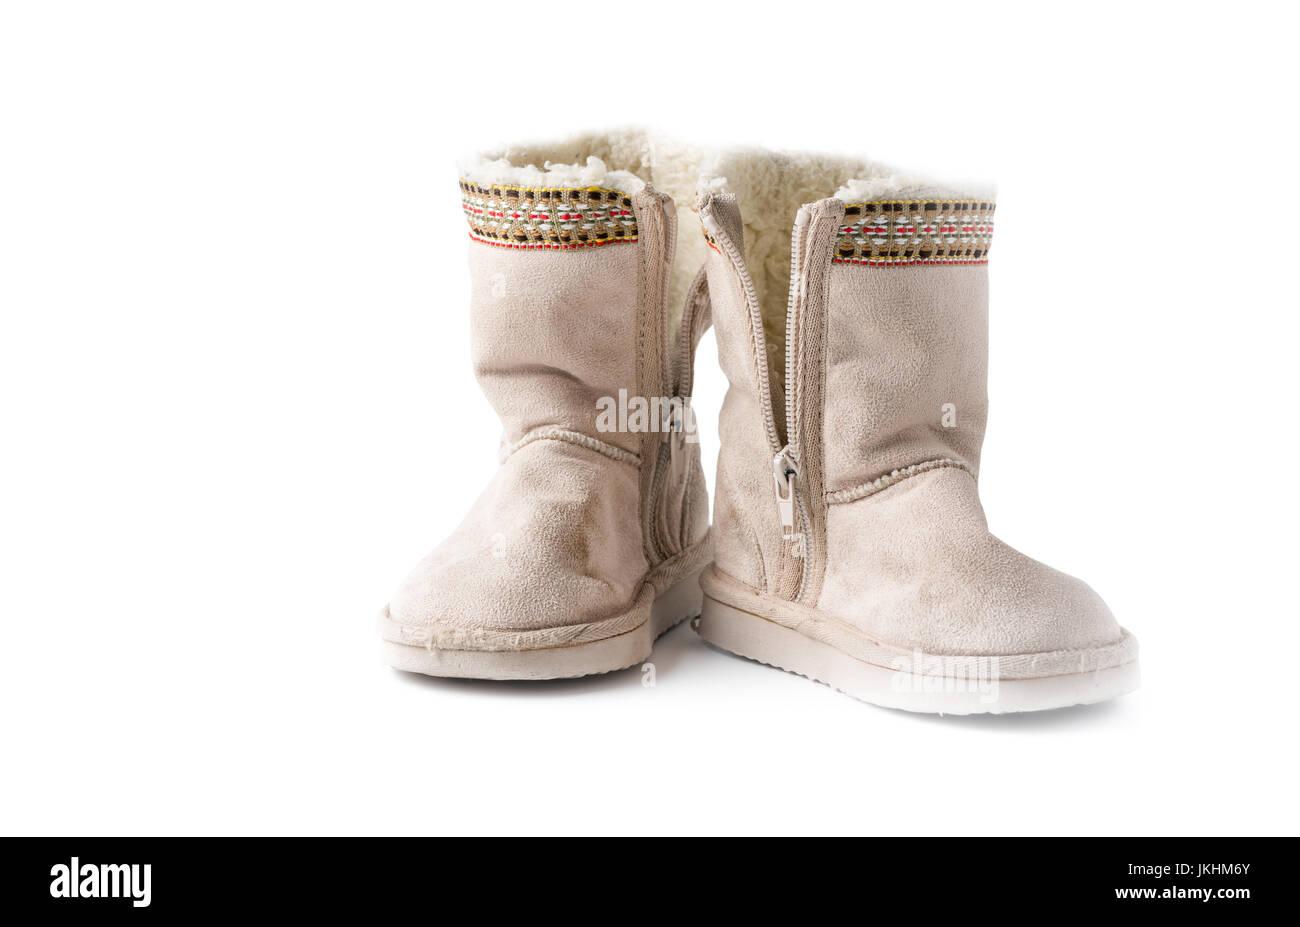 Leder Damen Stiefel mit Fell. X4YWE0 (RF). Kinder warme Winterstiefel mit Fell  isoliert auf weißem Hintergrund Stockbild 5ba44128b4